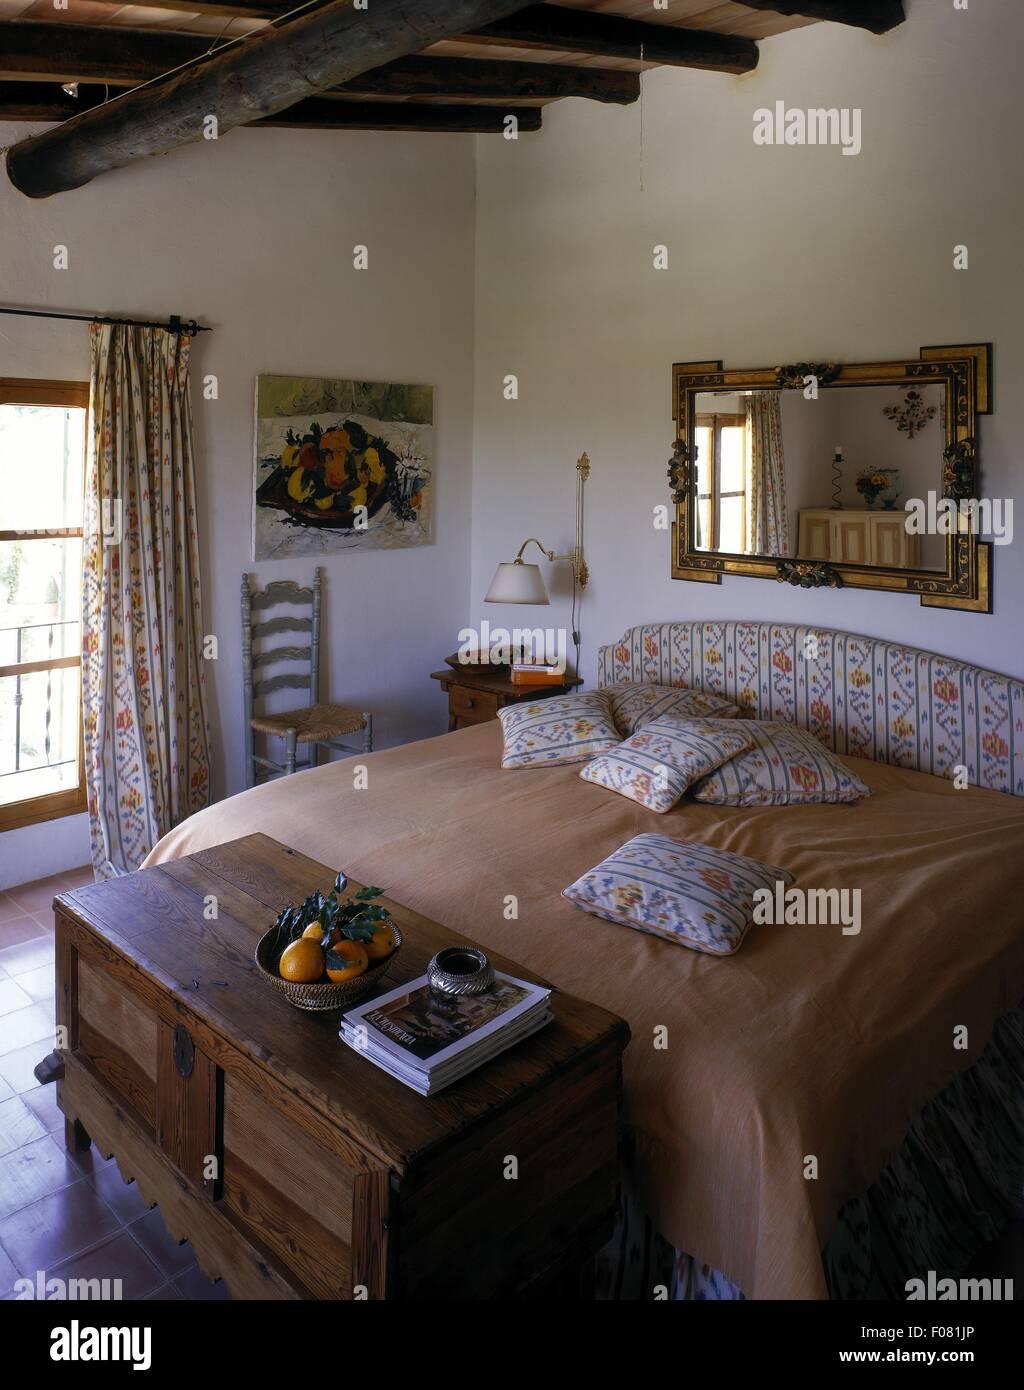 Rustikale Schlafzimmer mit Balkendecke, Holzkiste und Fliesen ...